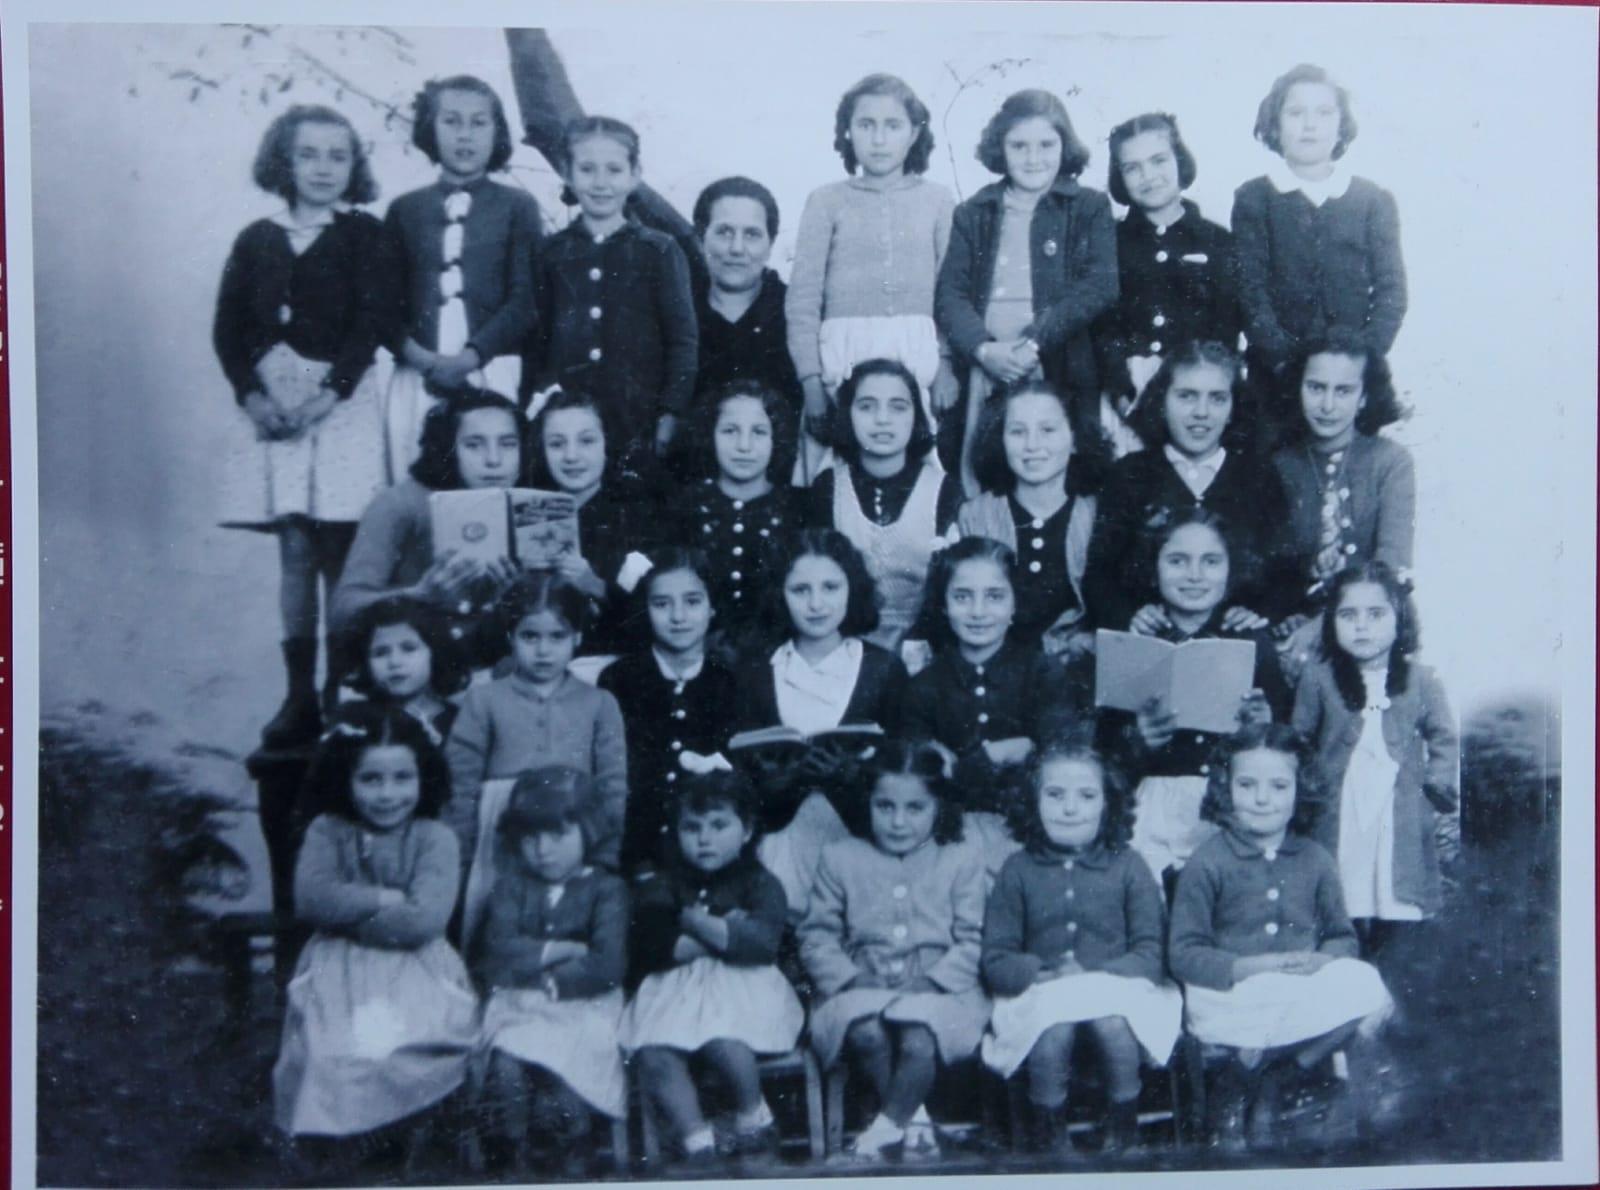 Recuerdo de la maestra ubriqueña Francisca Gutiérrez García, por Pedro Bohórquez